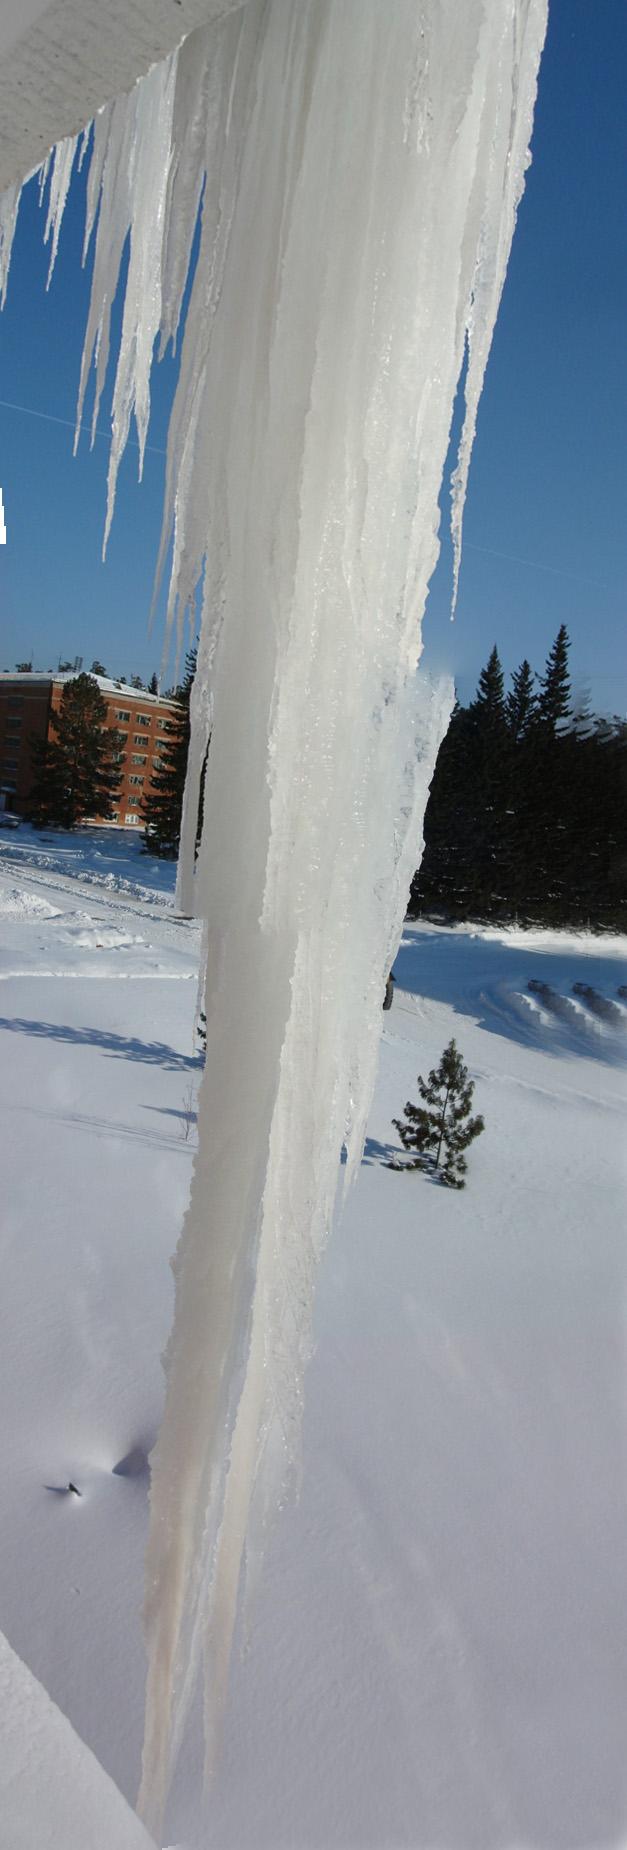 Big icicle.jpg